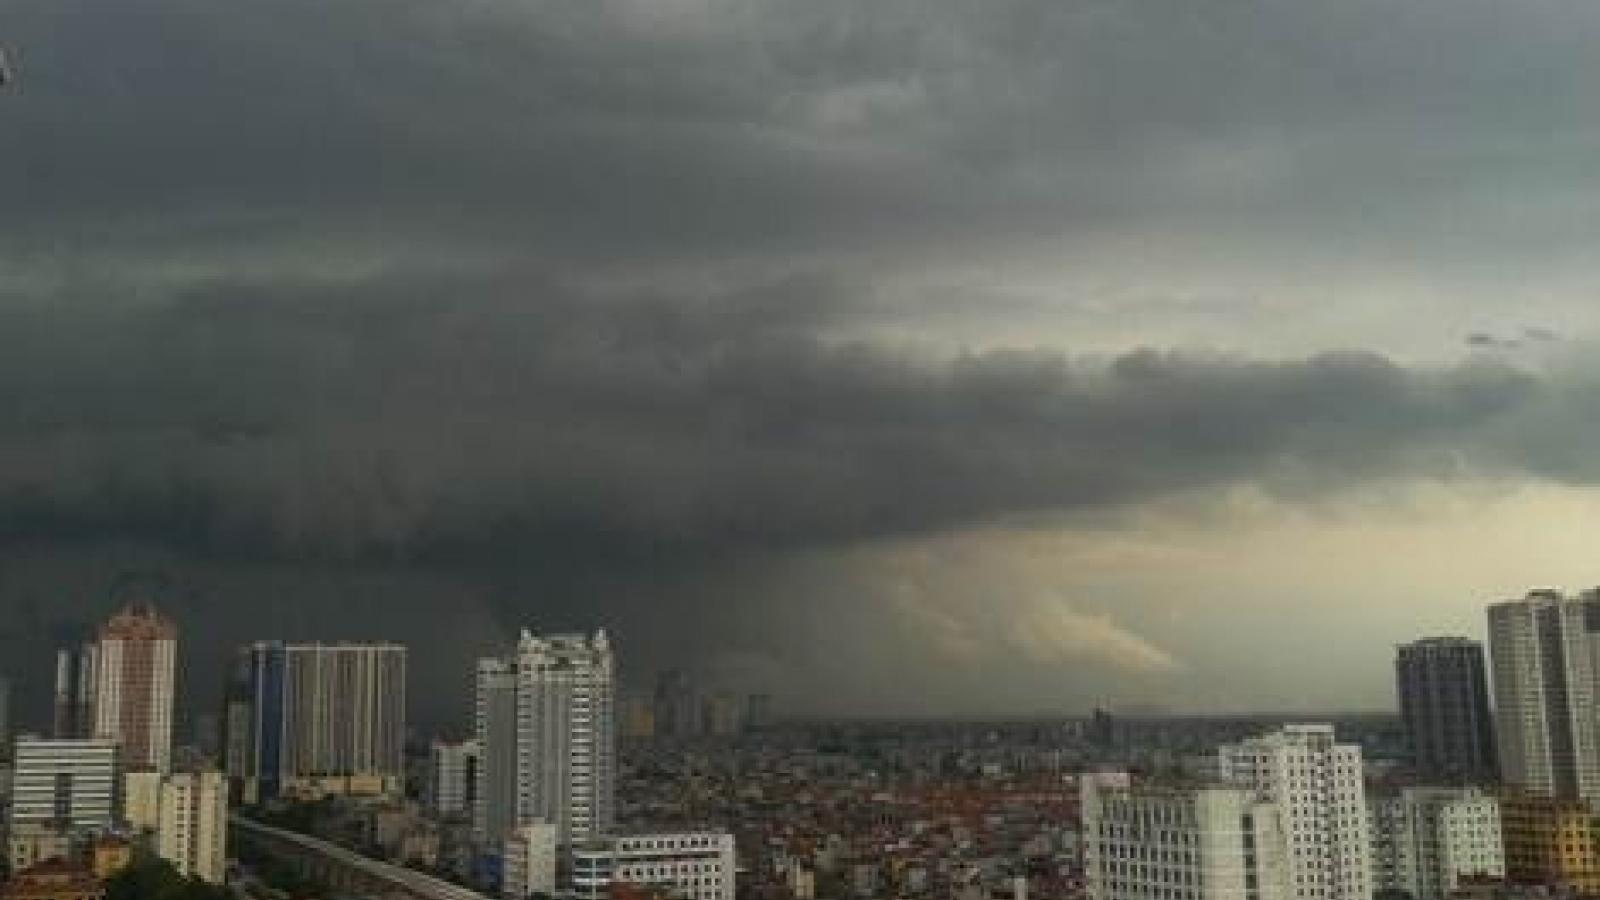 Dự báo thời tiết hôm nay: Cảnh báo mưa dông ở khu vực nội thành Hà Nội